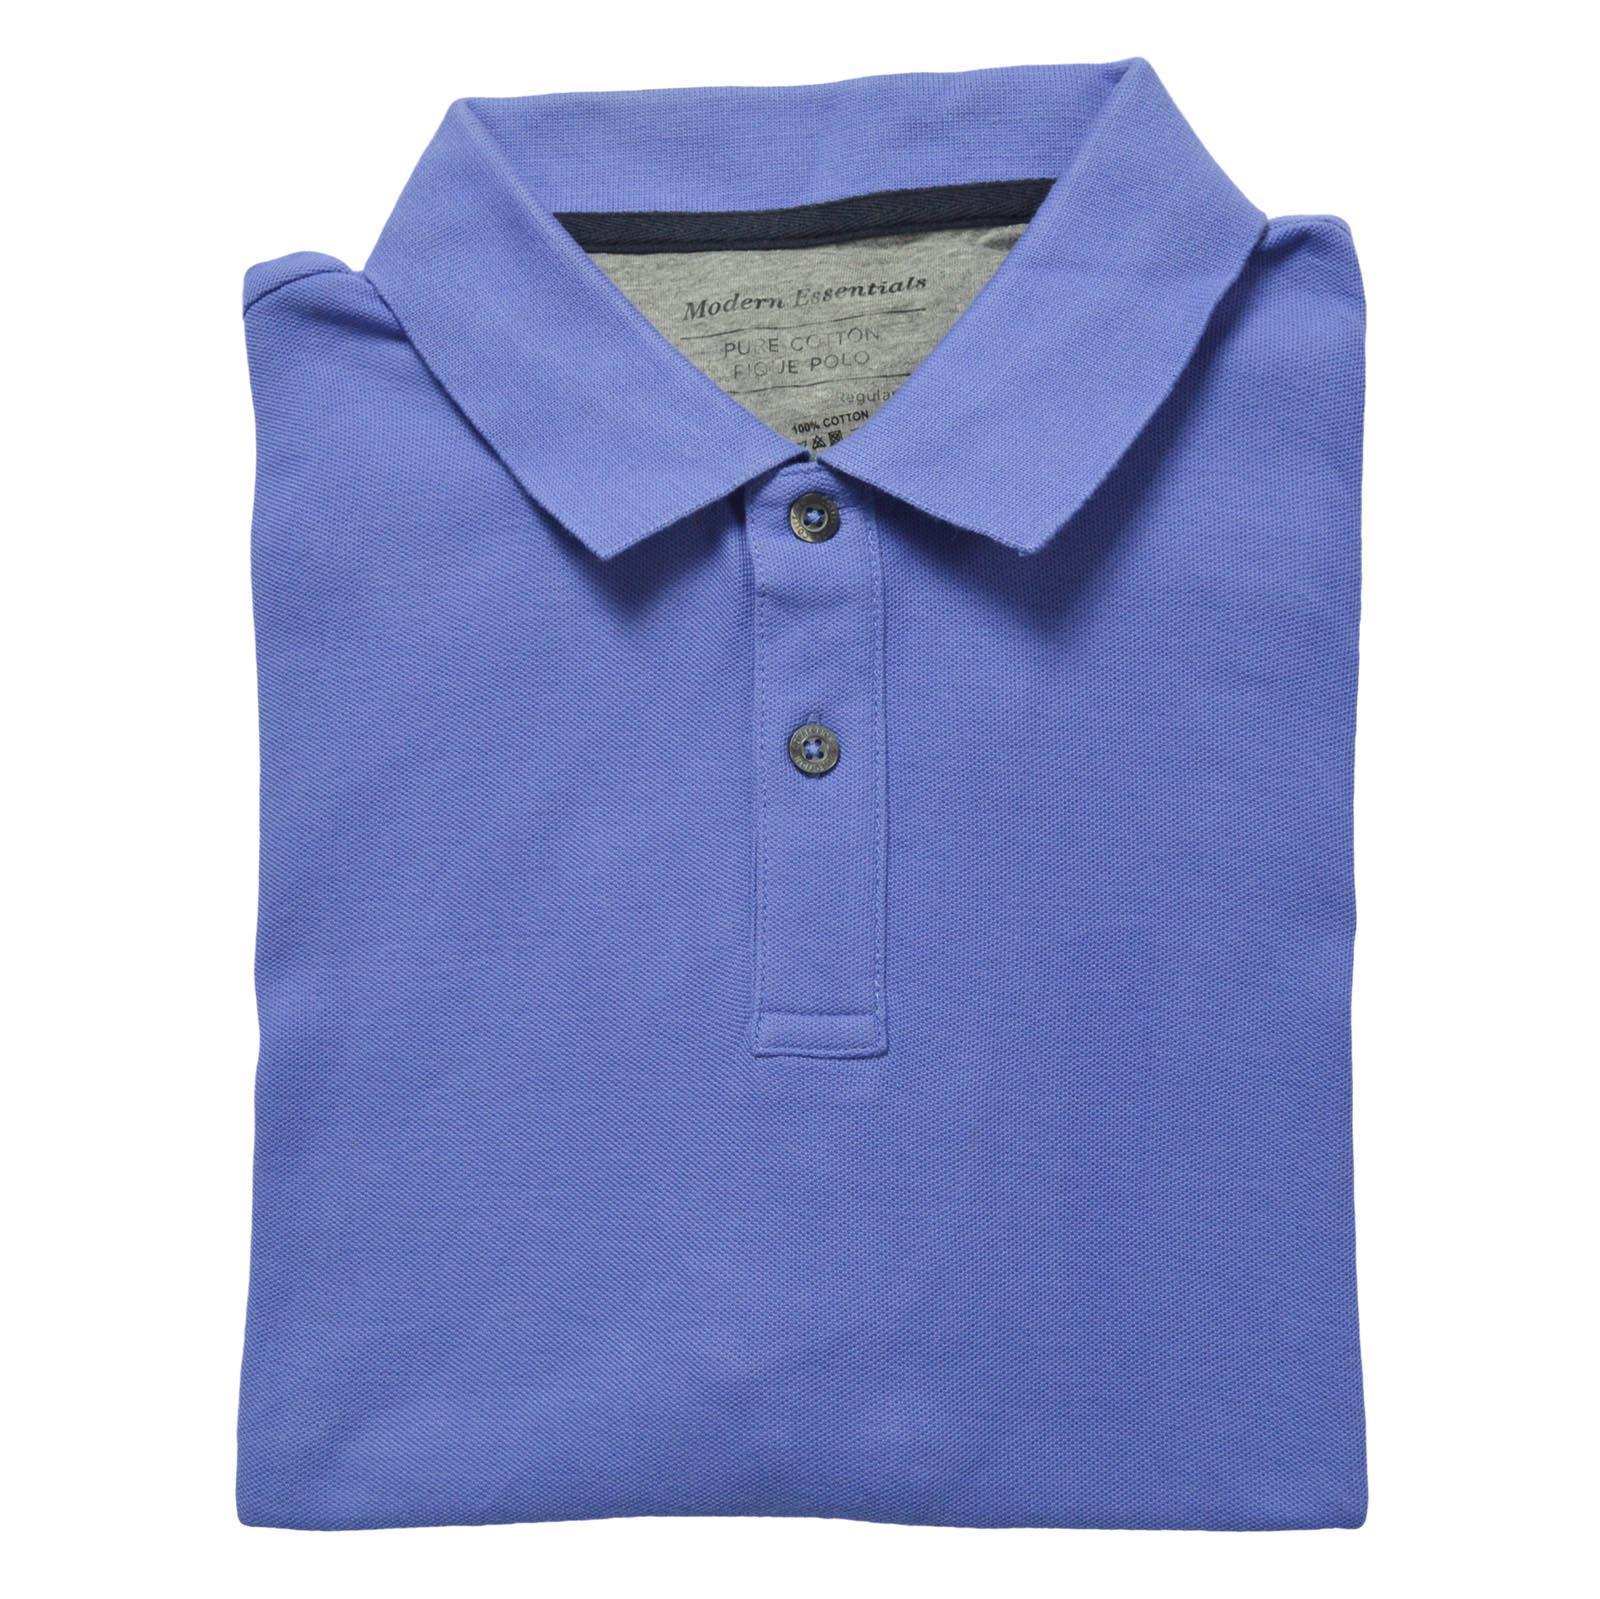 Marks-amp-Spencer-Camisa-Polo-Para-Hombre-Algodon-Clasico-M-amp-S-todos-los-colores-y-tamanos-de miniatura 10